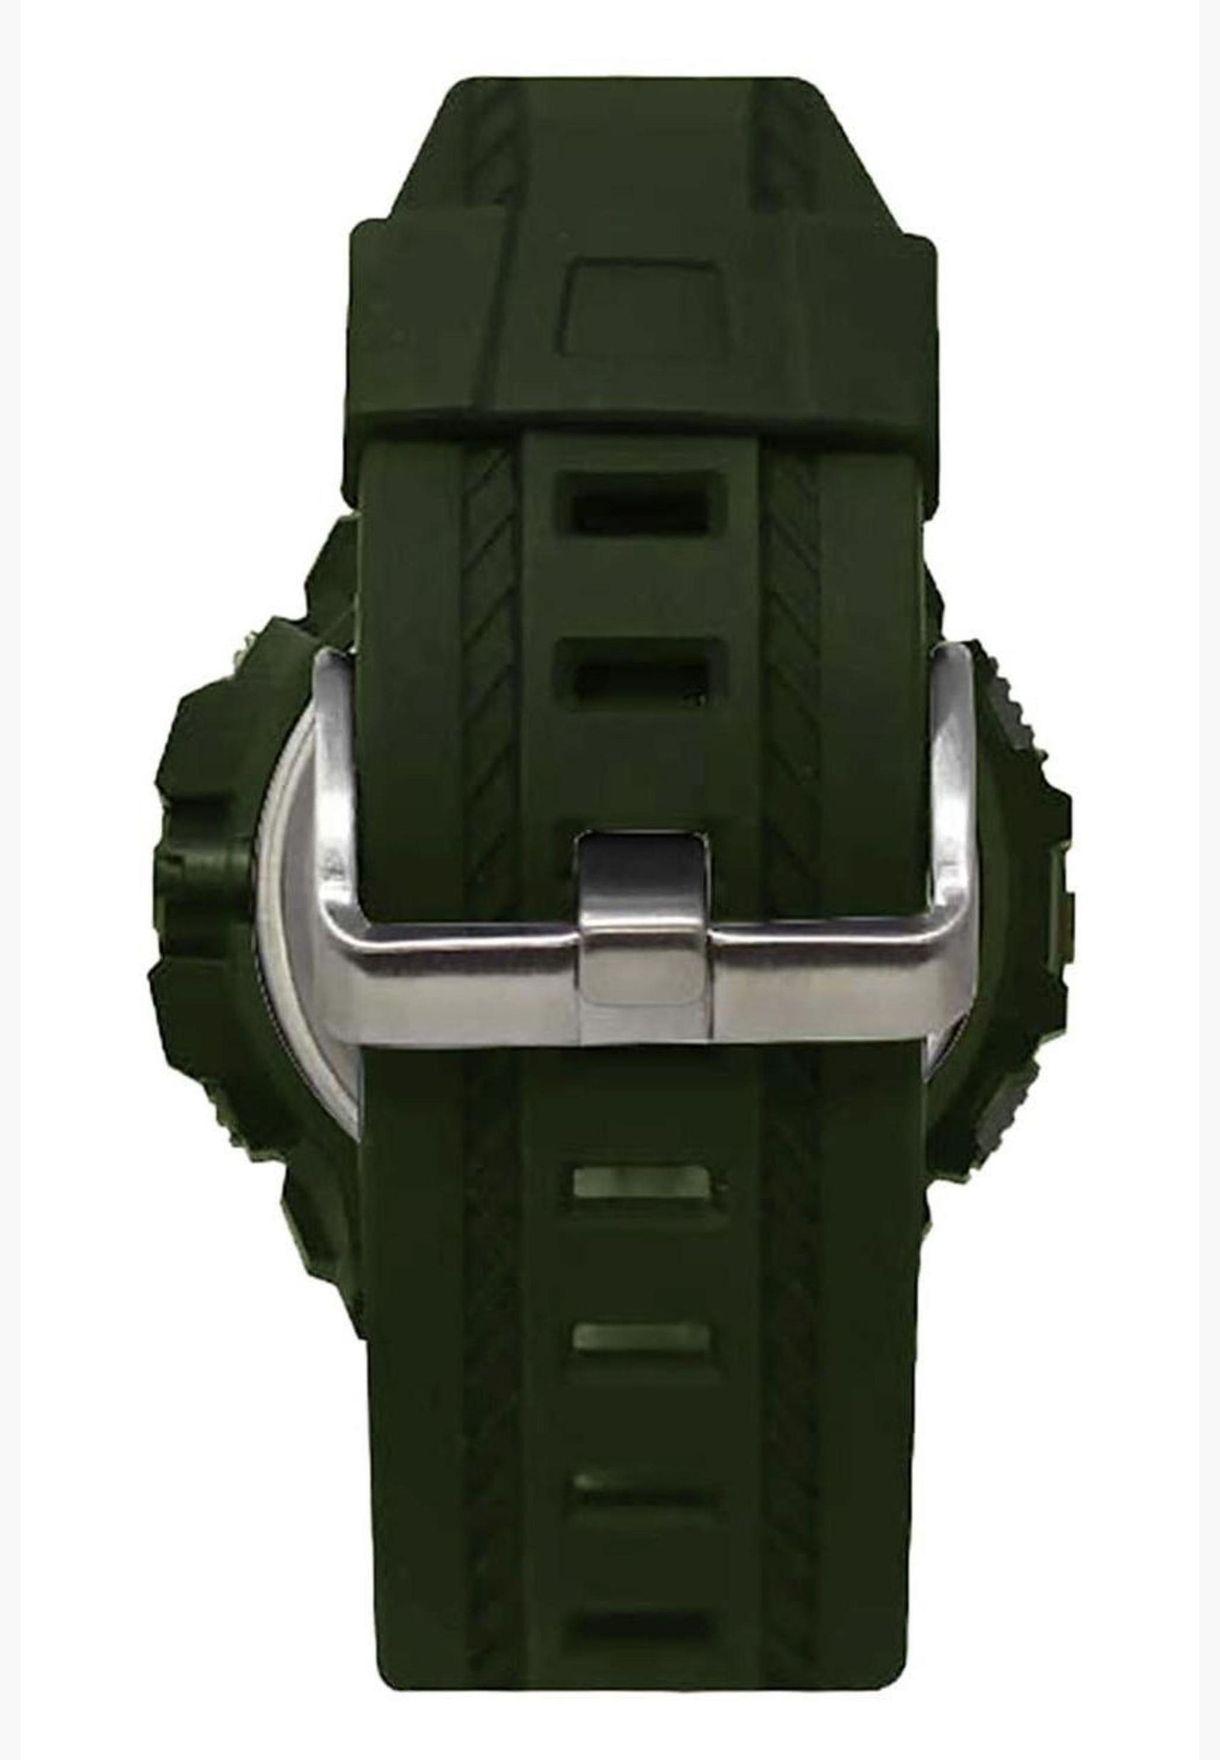 ساعة كات بولت الرقمية بسوار سيليكون للرجال - OA13723343